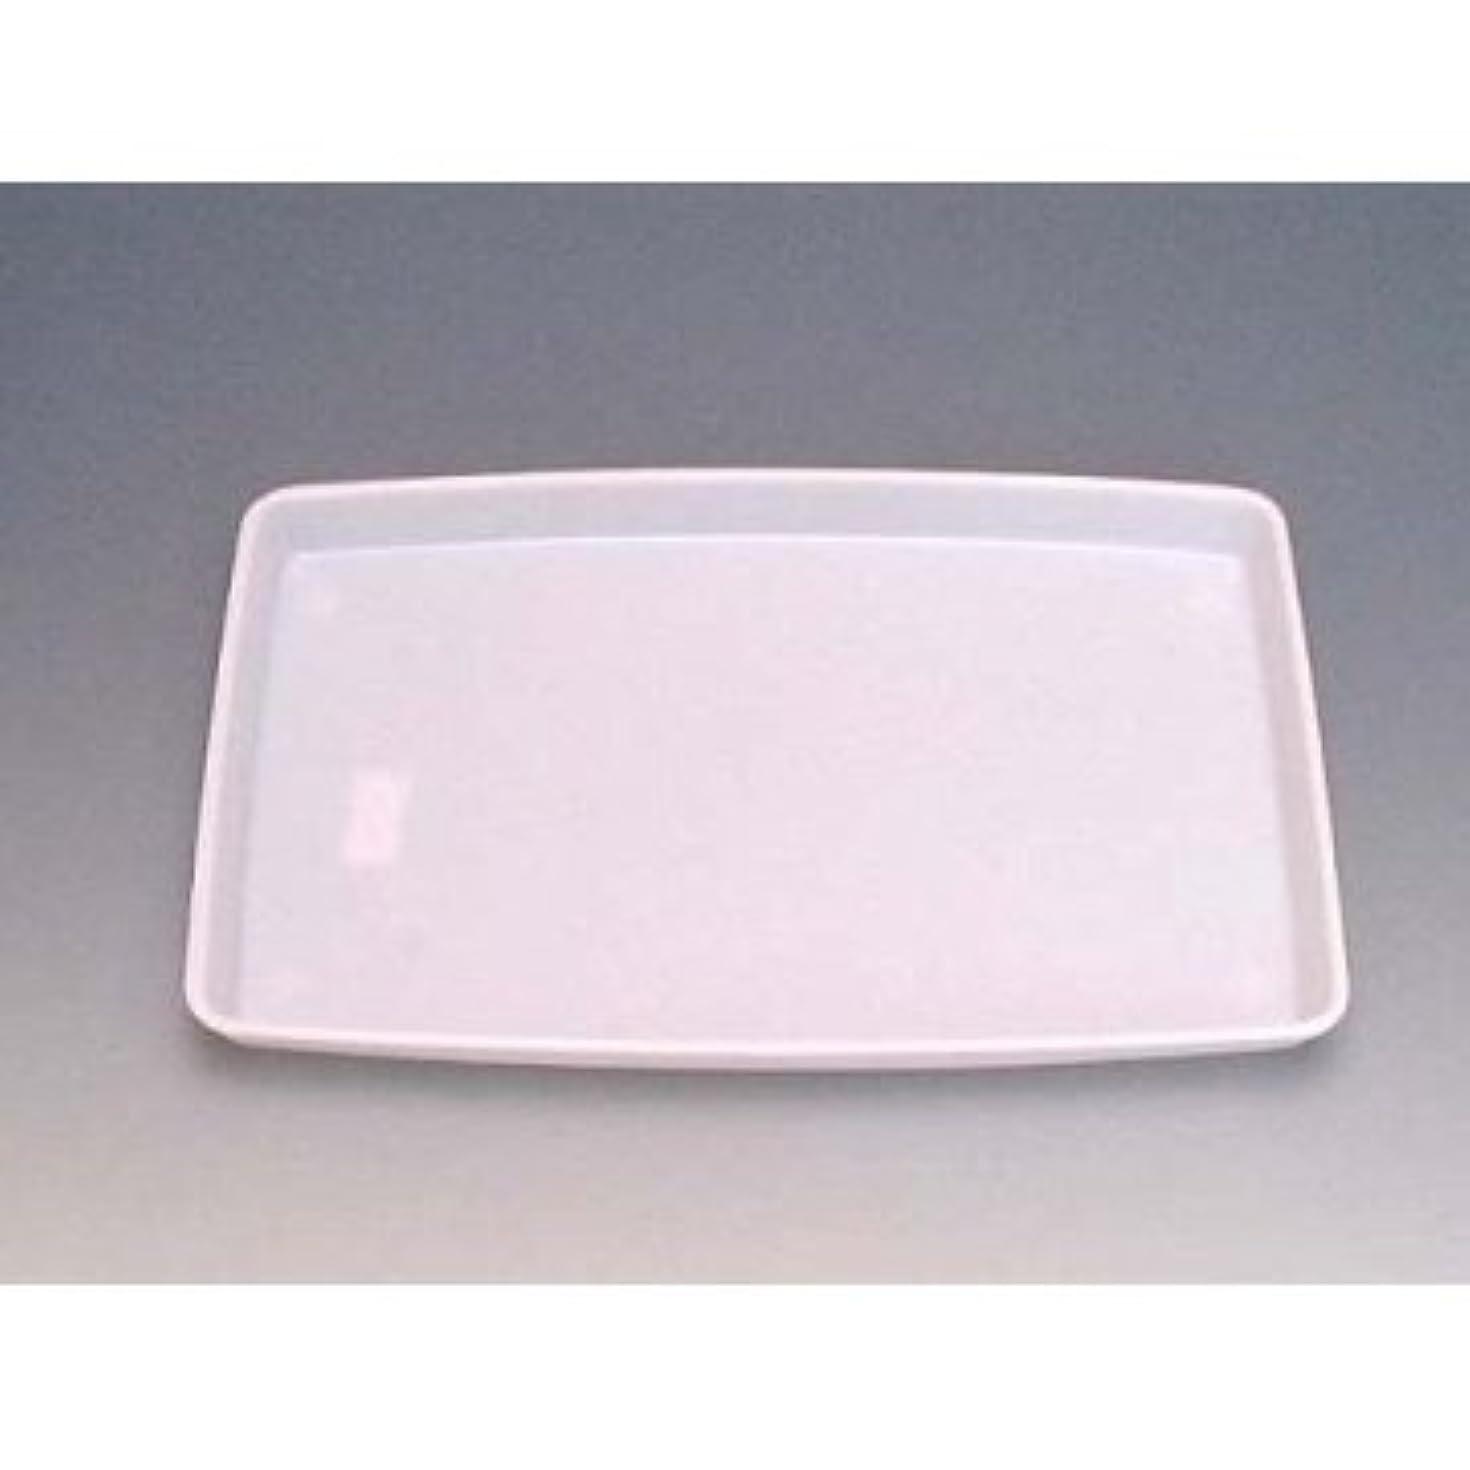 米正 エバーメイト われない台皿 カラーホワイト